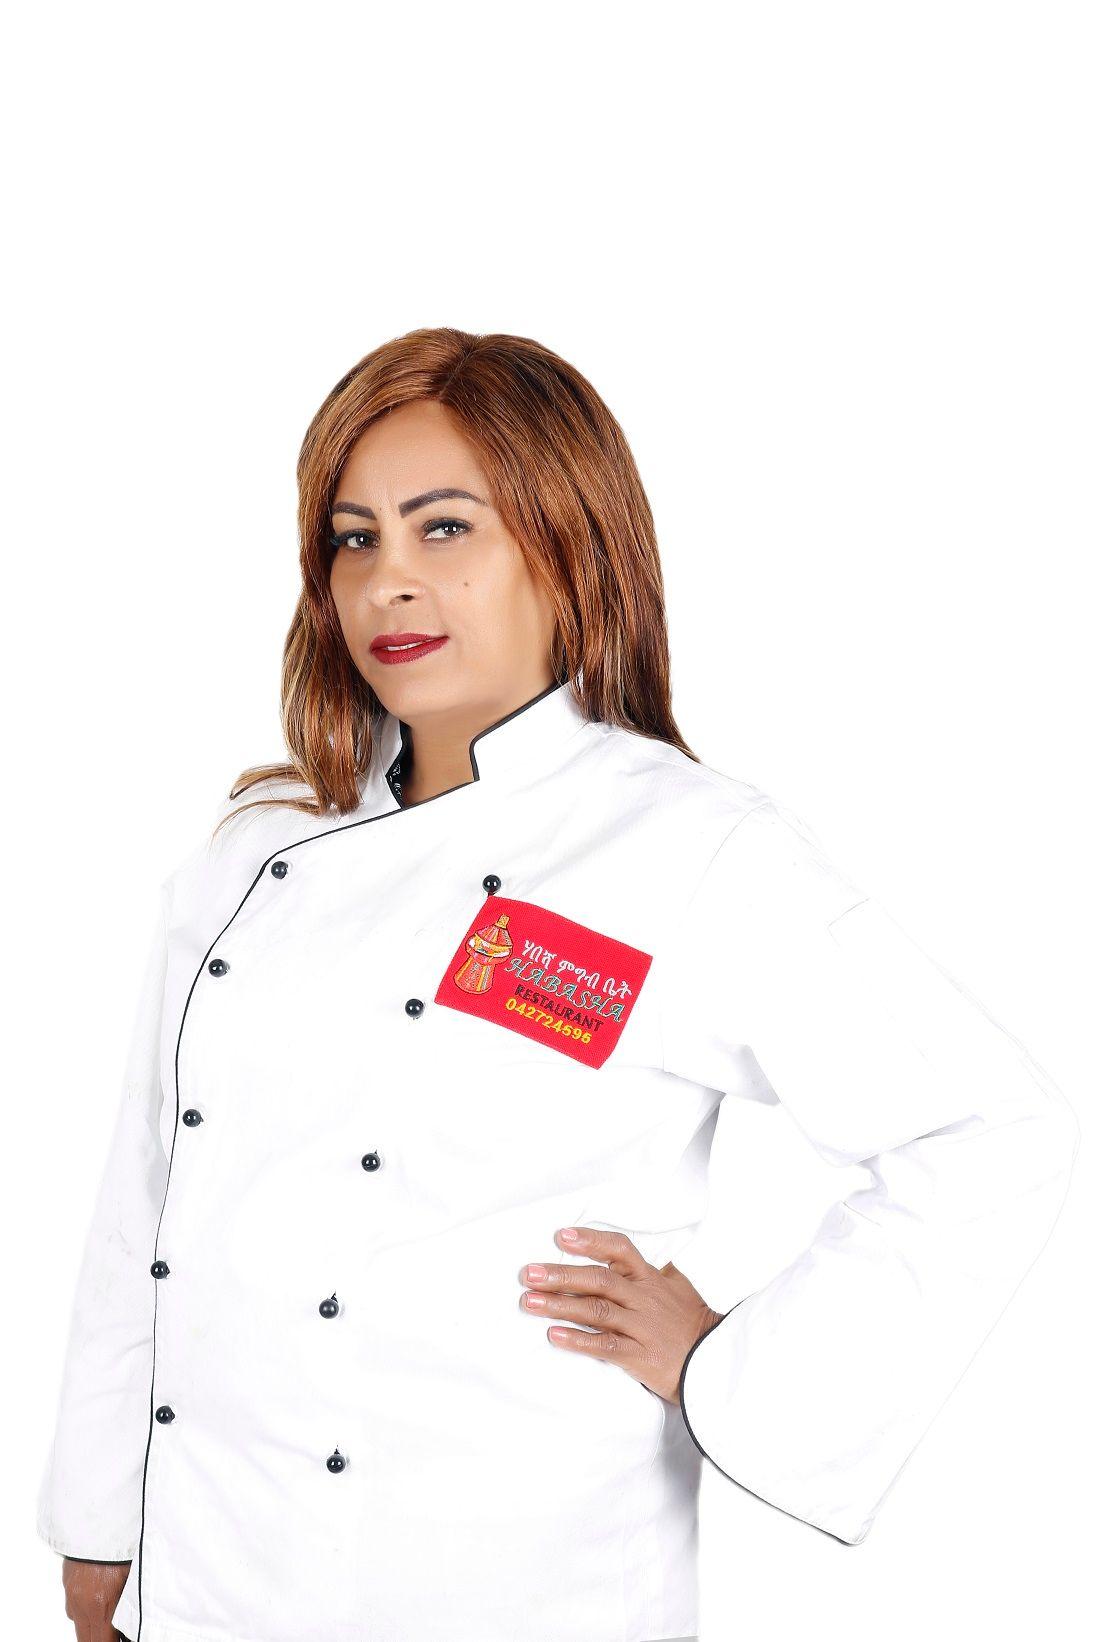 Sarah Aradi